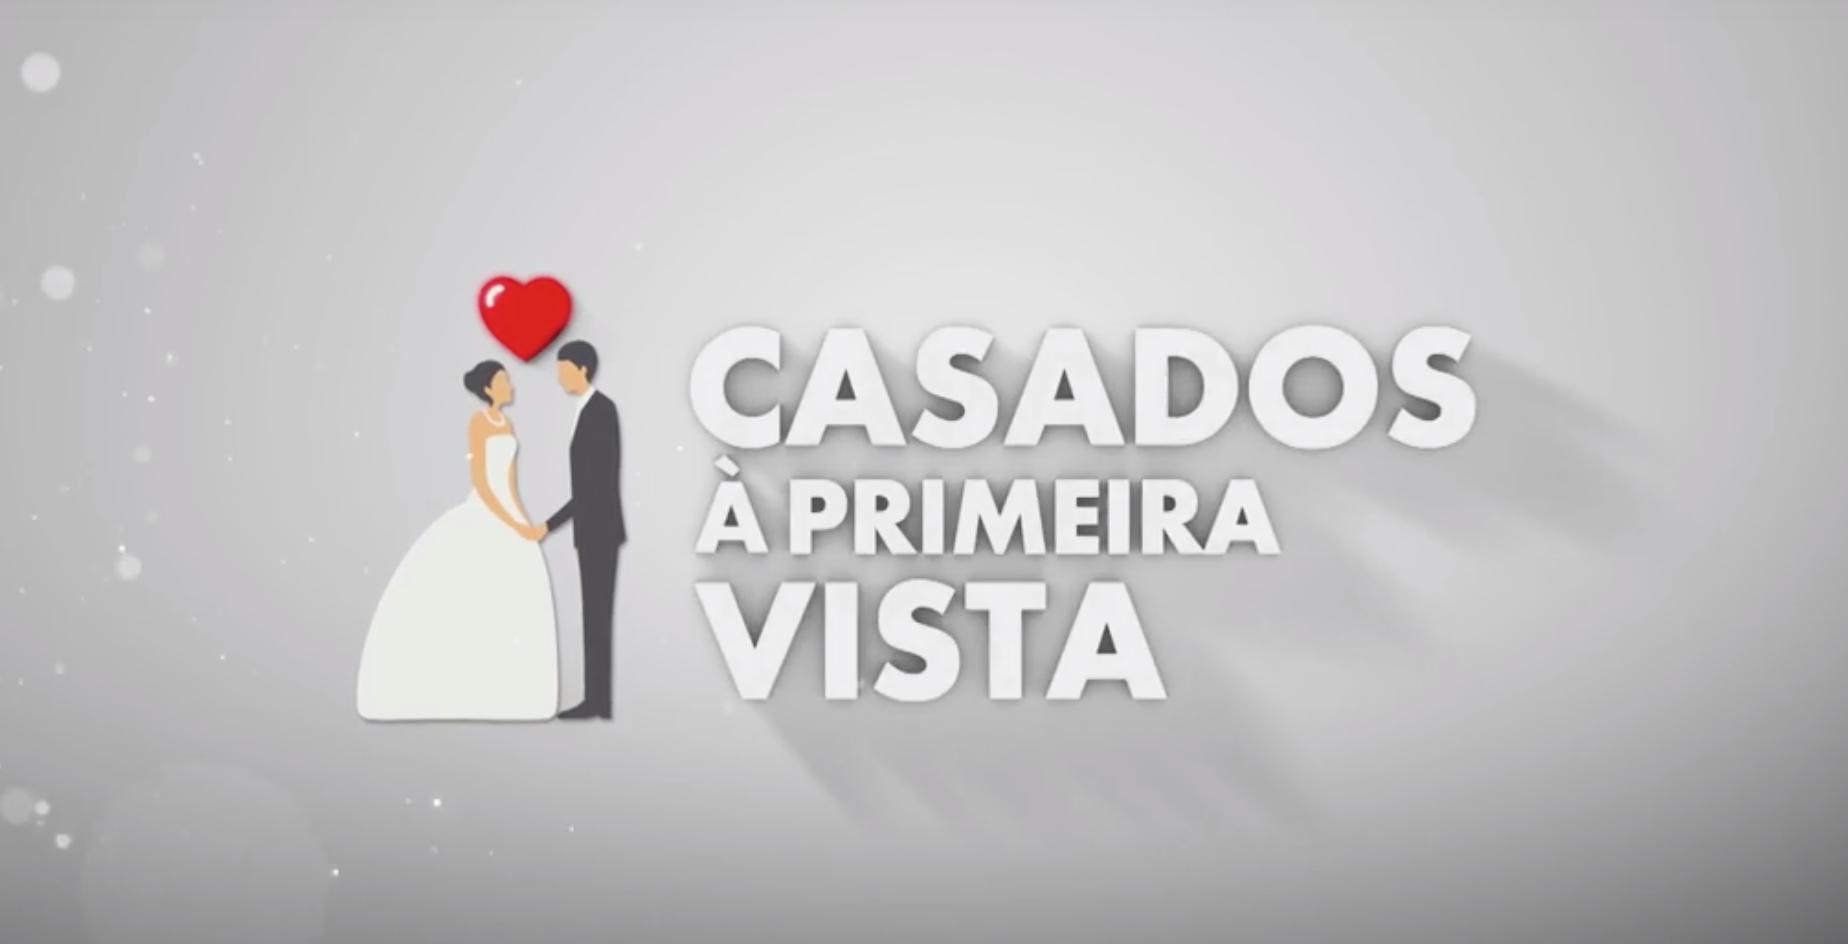 Screenshot 2019 10 10 At 17.06.31 Sic Transmite Final De 'Casados À Primeira Vista' No Domingo